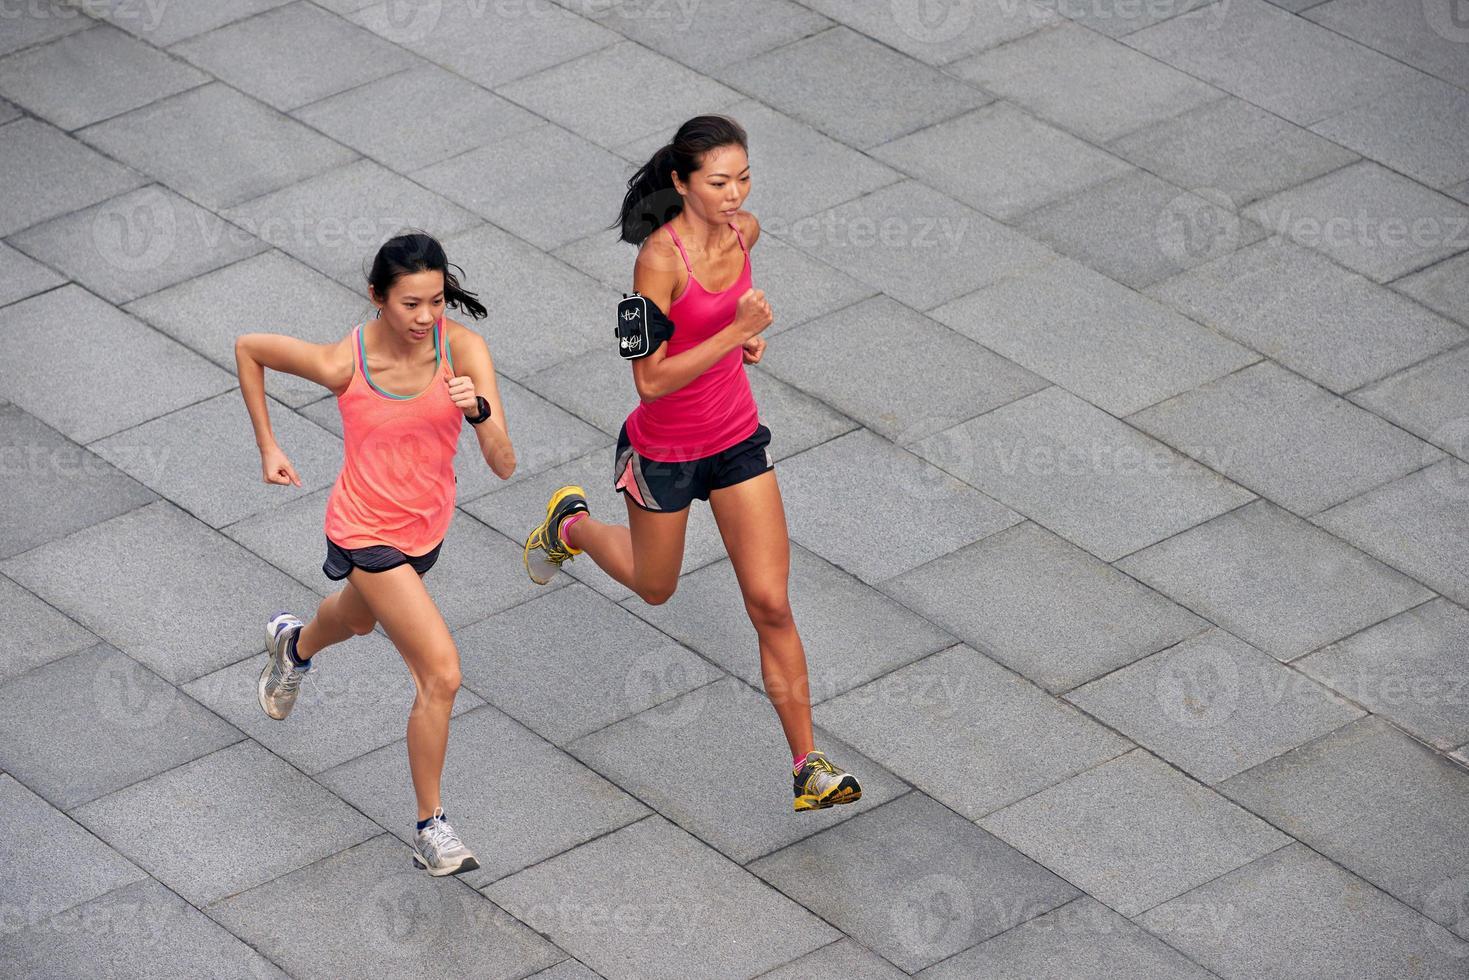 mulheres de fitness correndo foto